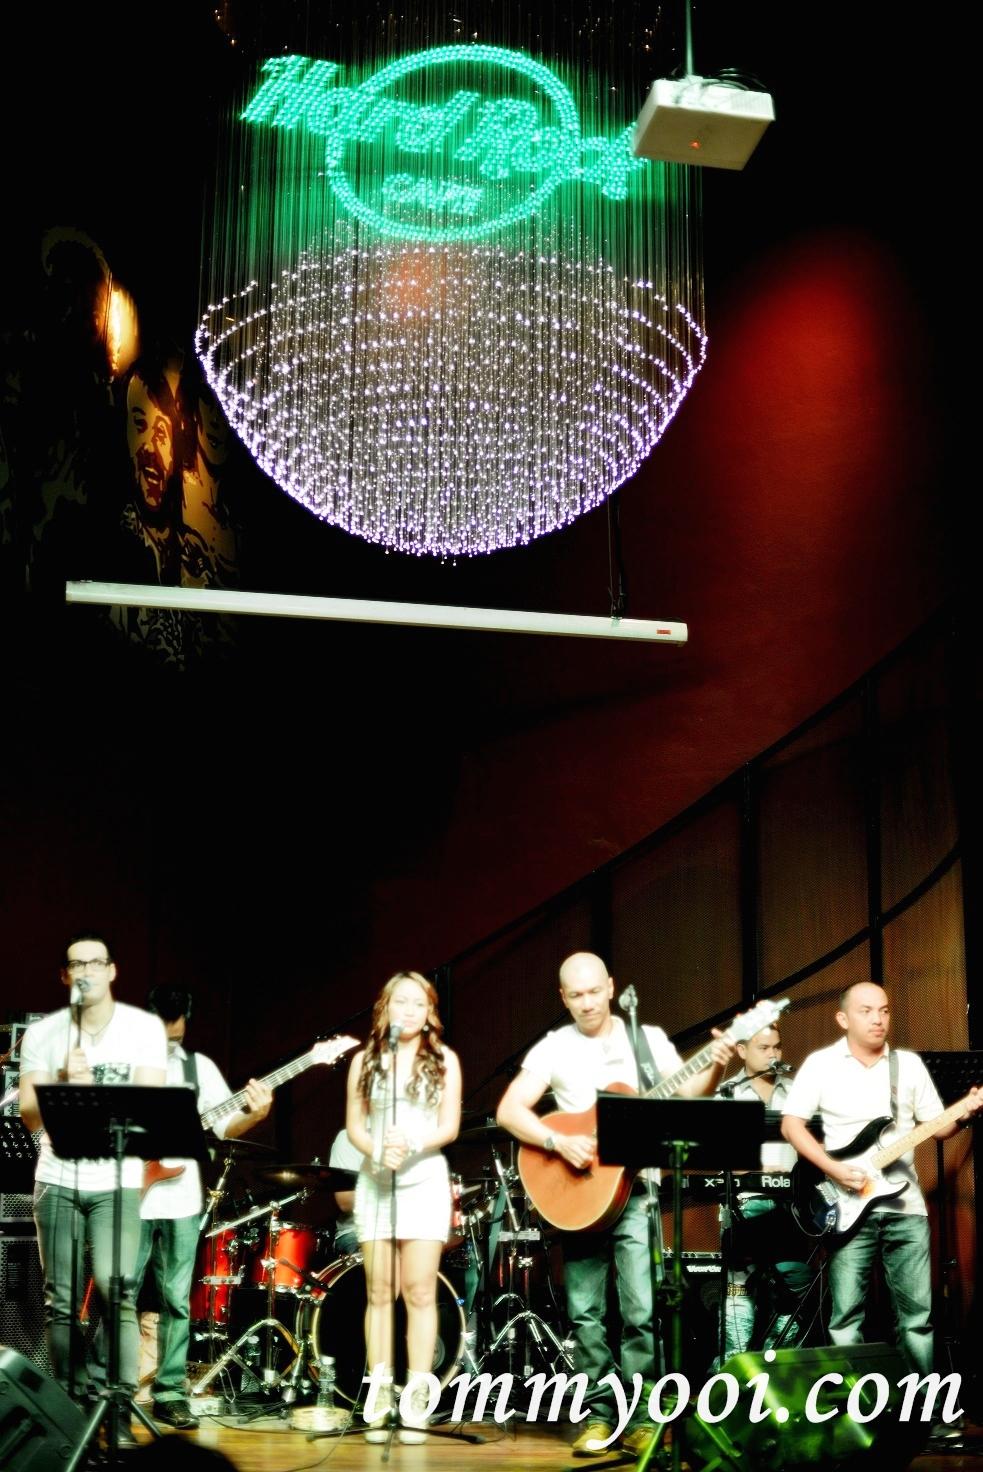 Live Band at Hard Rock Cafe